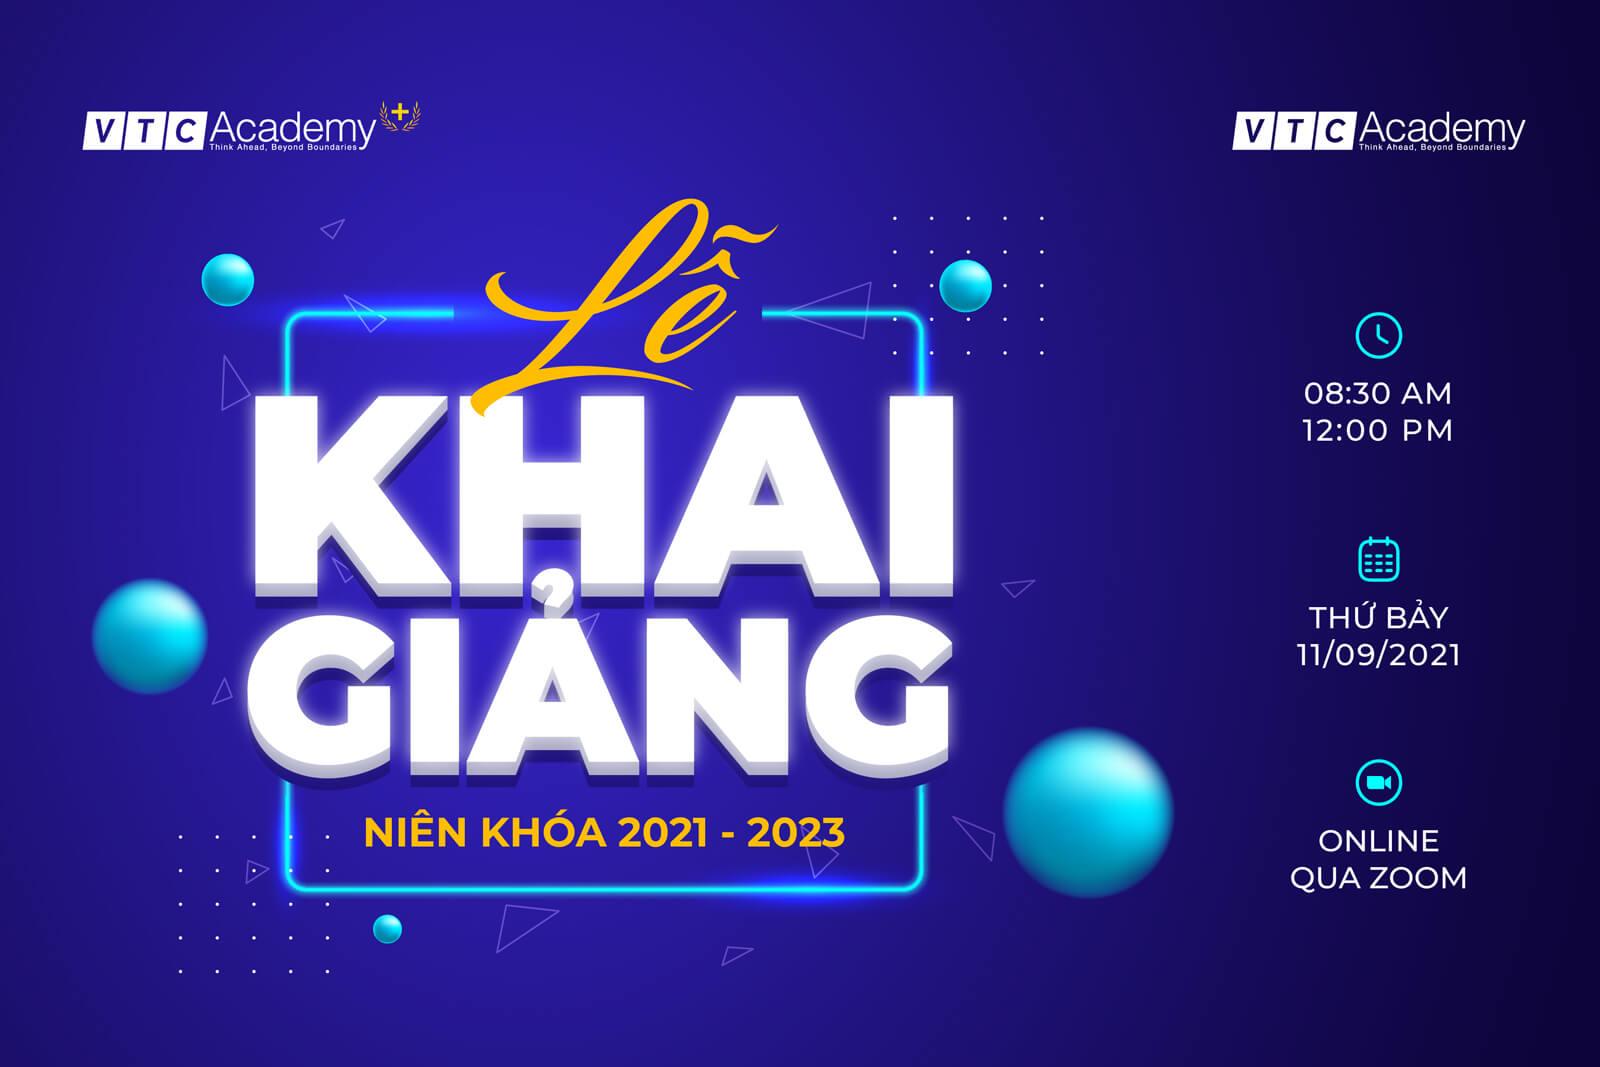 Lễ khai giảng niên khóa 2021 – 2023